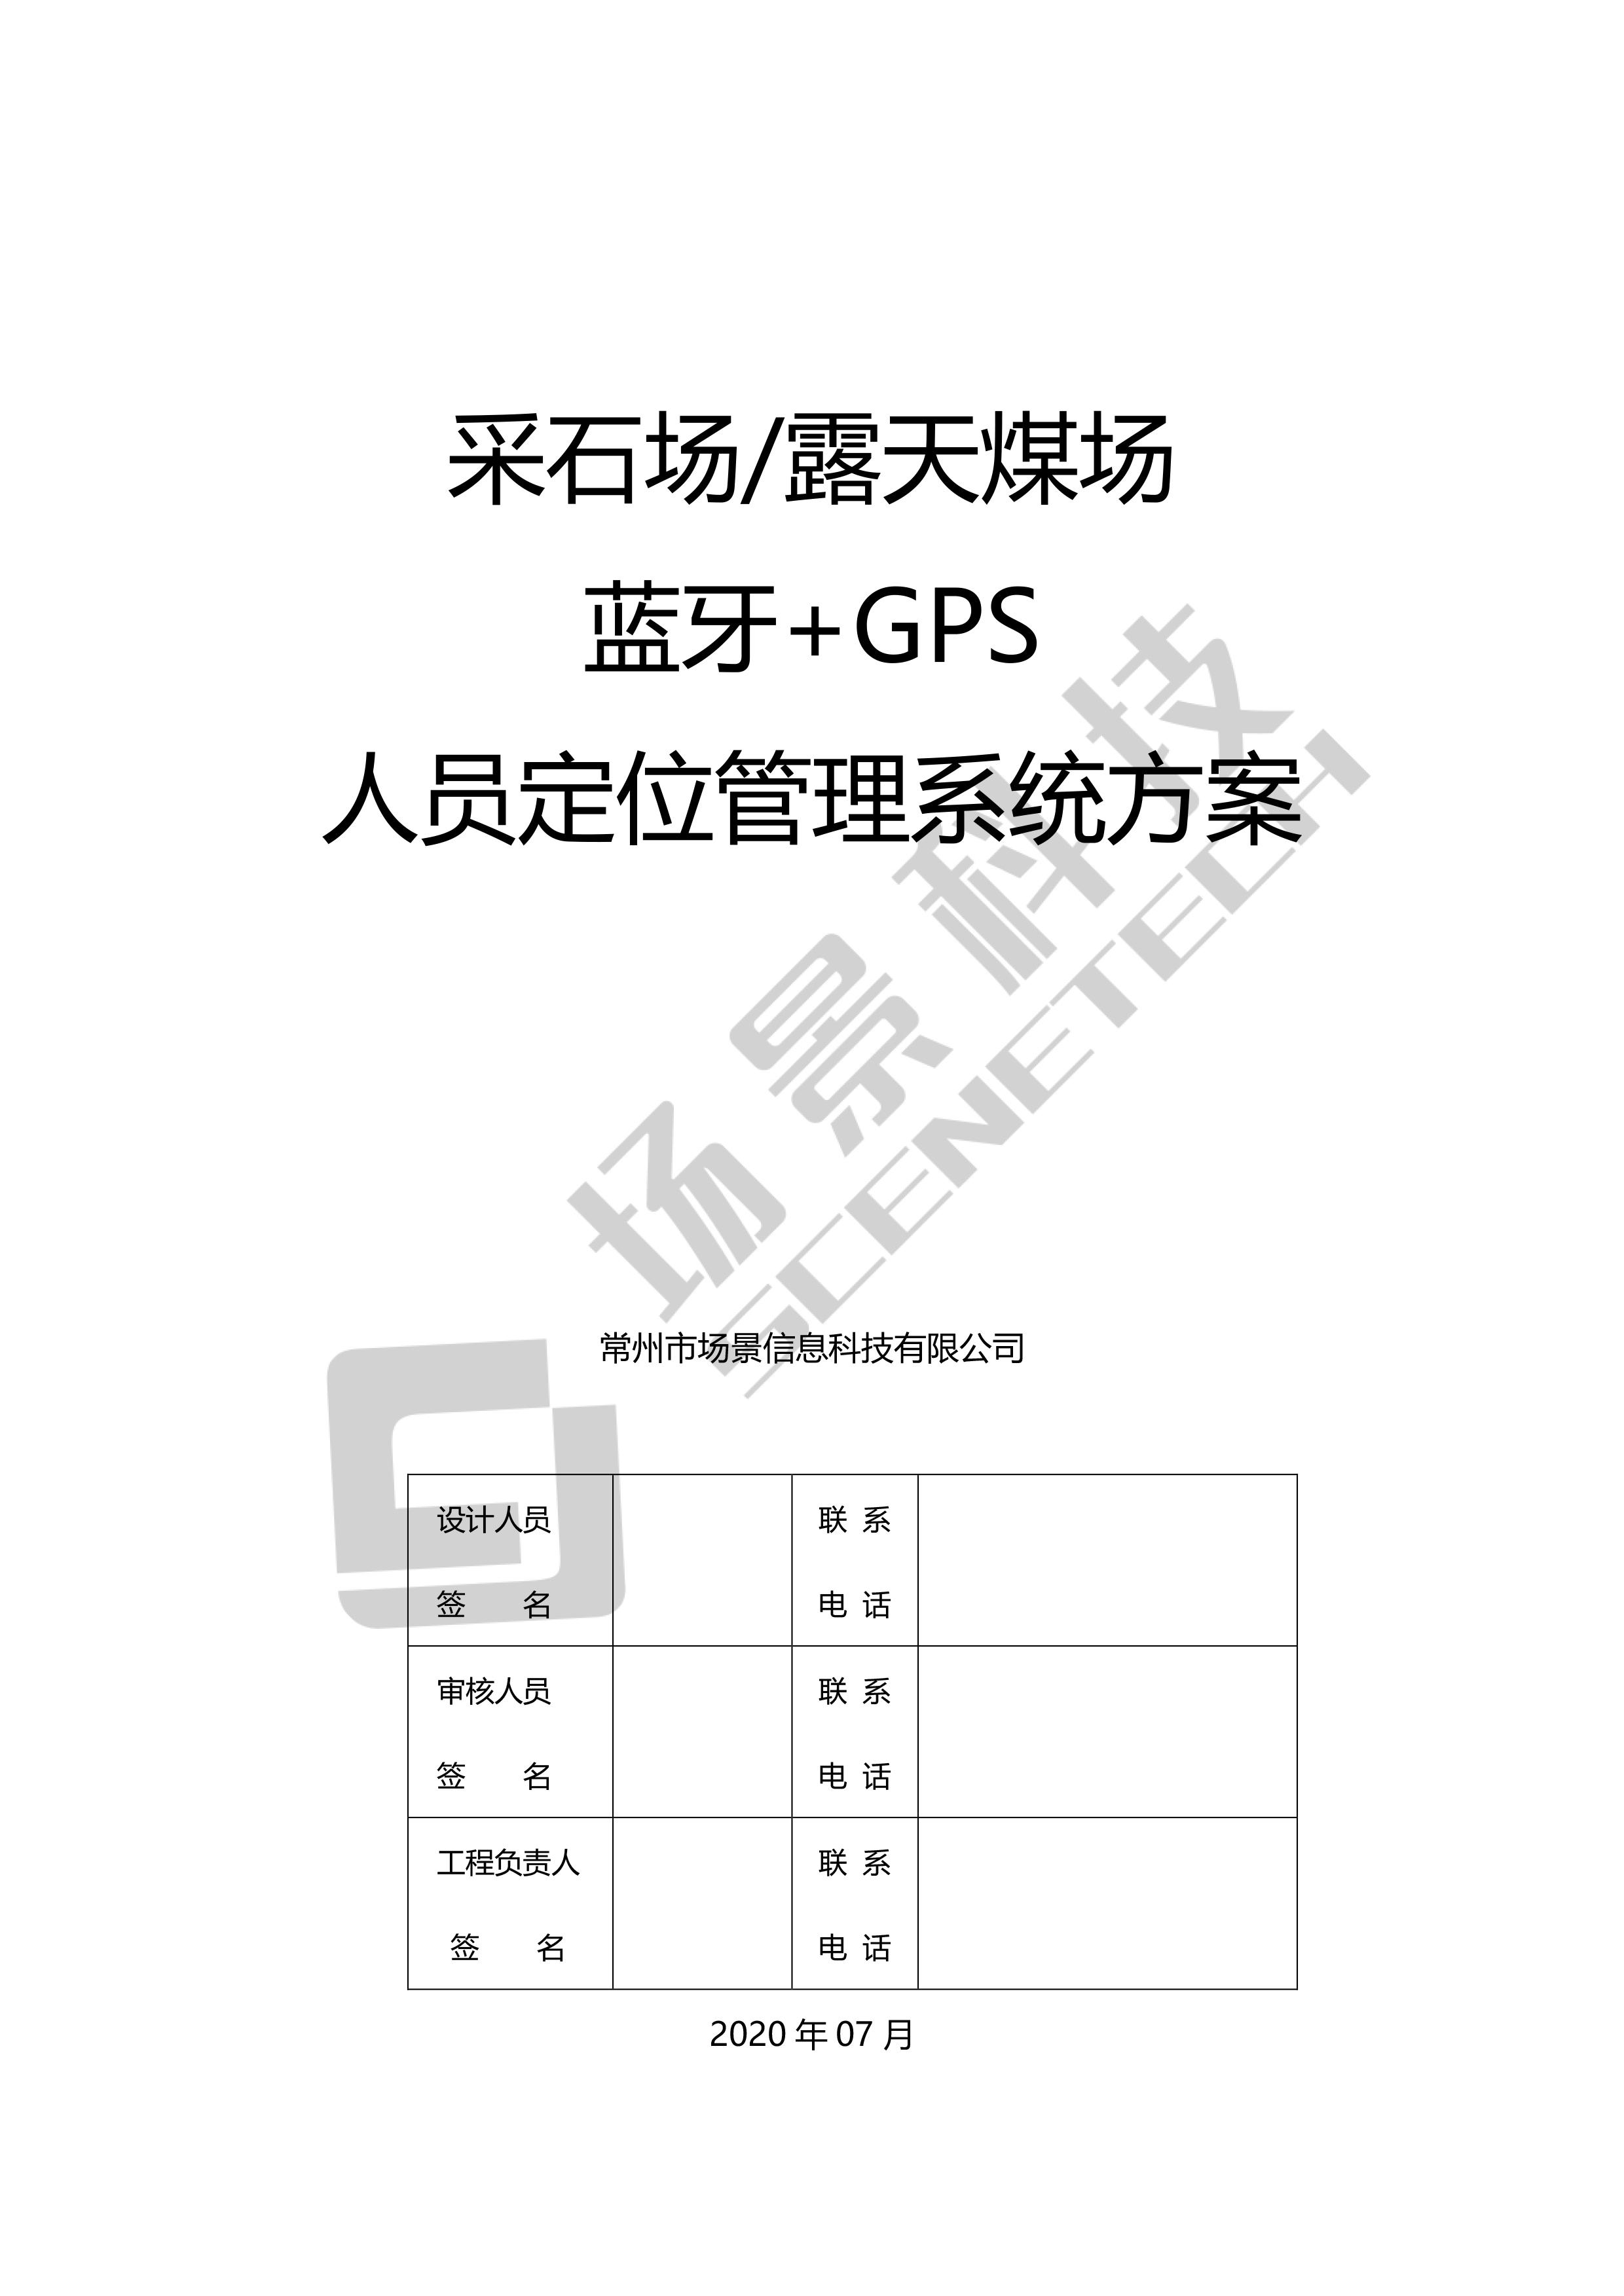 11111采石场、露天煤矿蓝牙+GPS人员定位管理系统解决方案-1